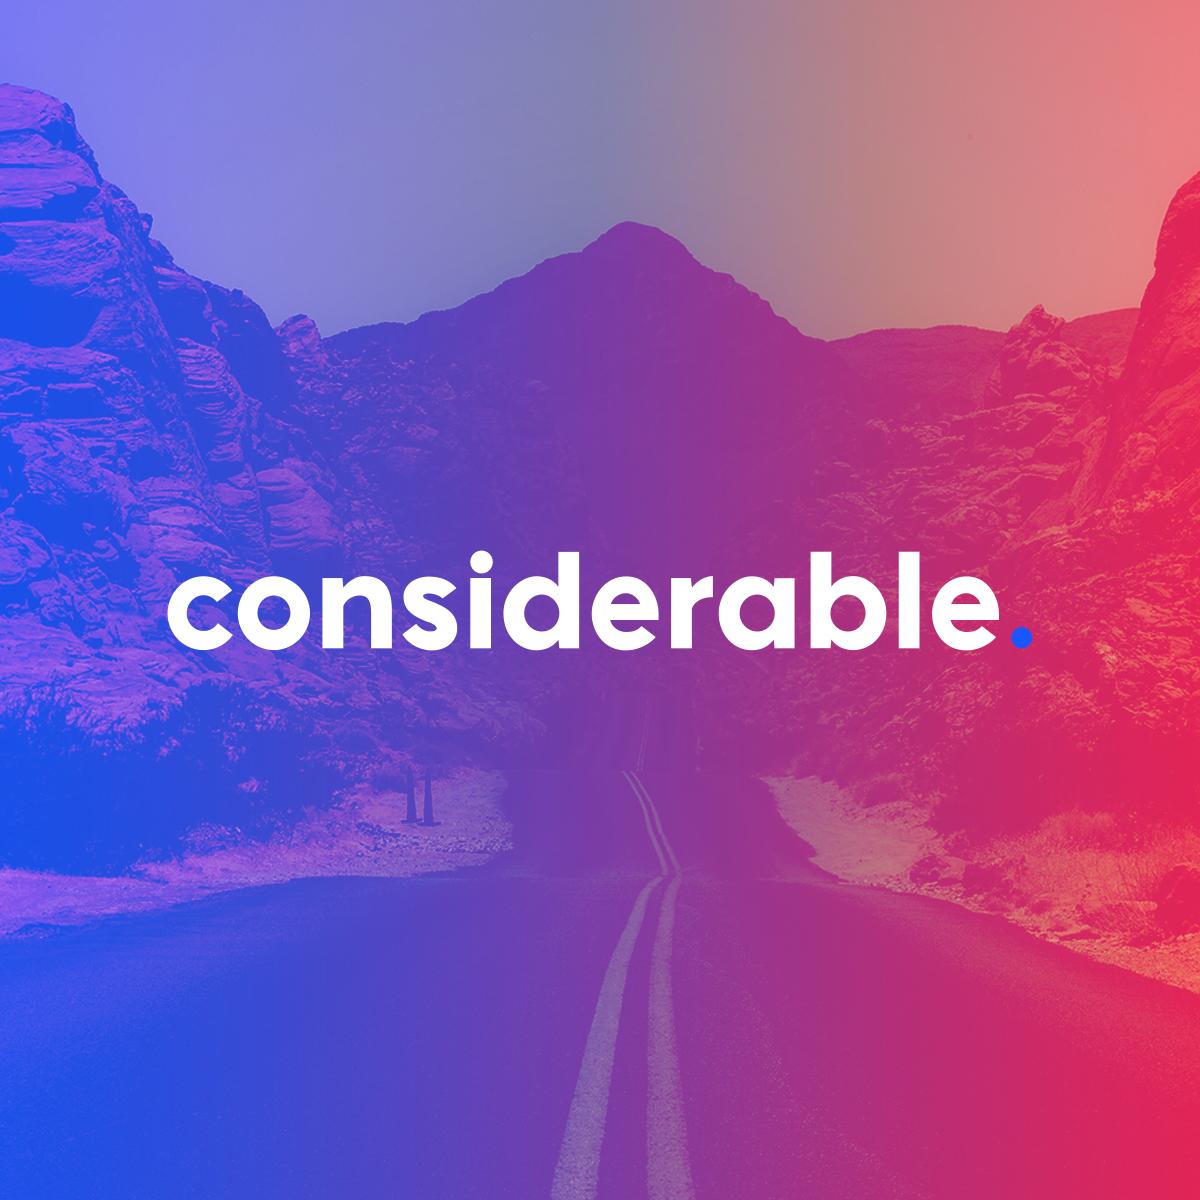 considerable-social.jpg